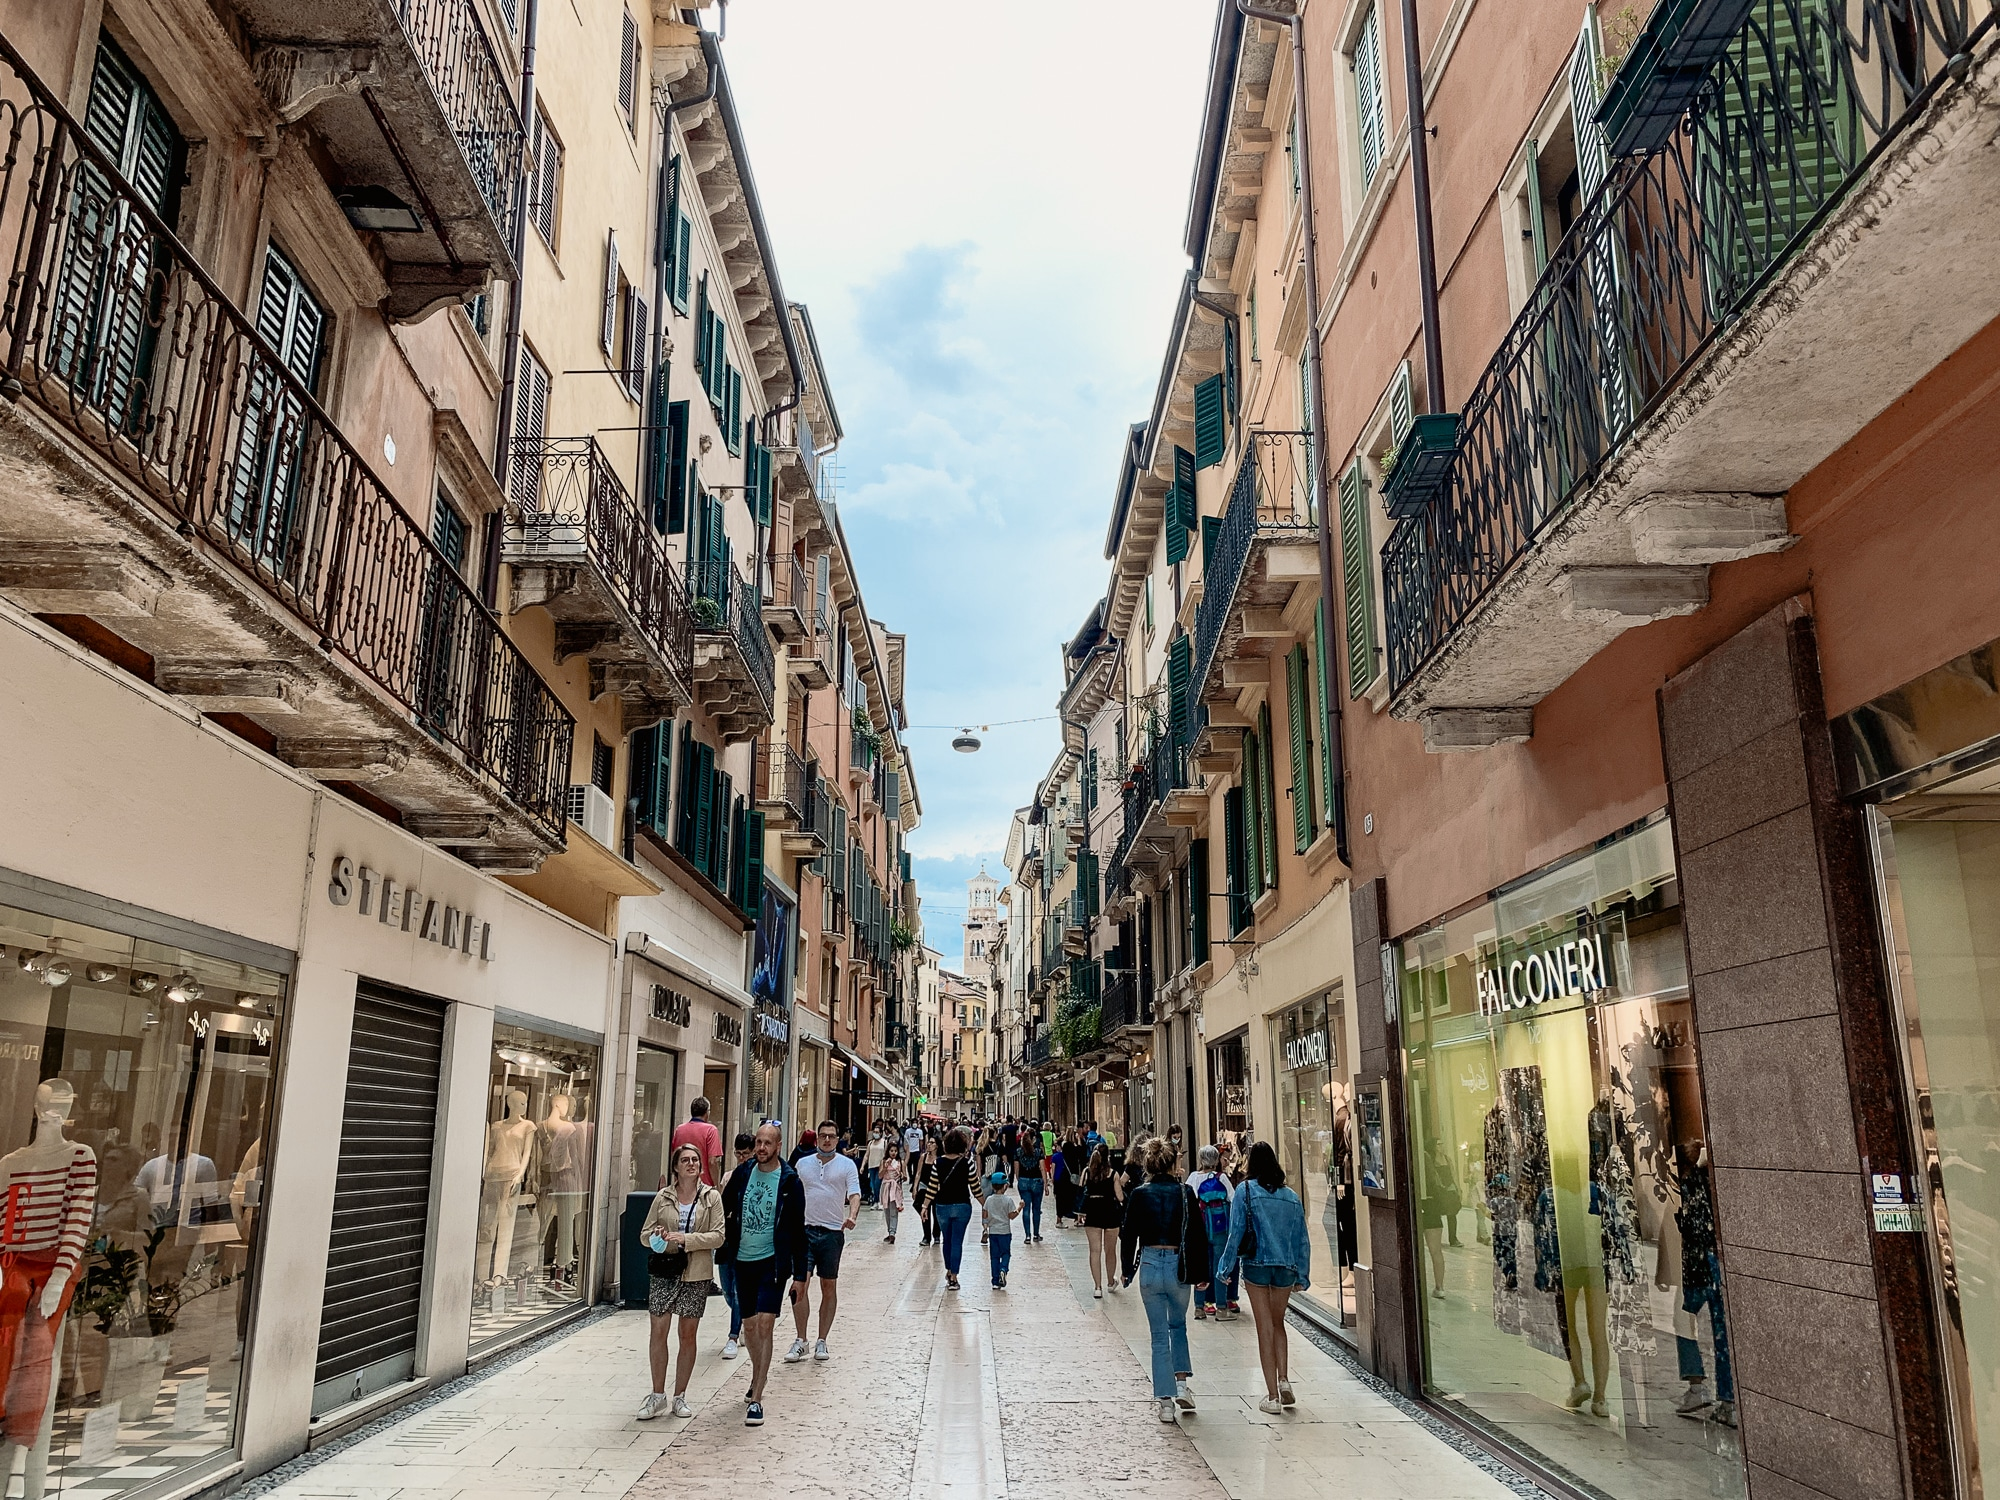 Verona Sehenswürdigkeiten - Einkaufsstraße